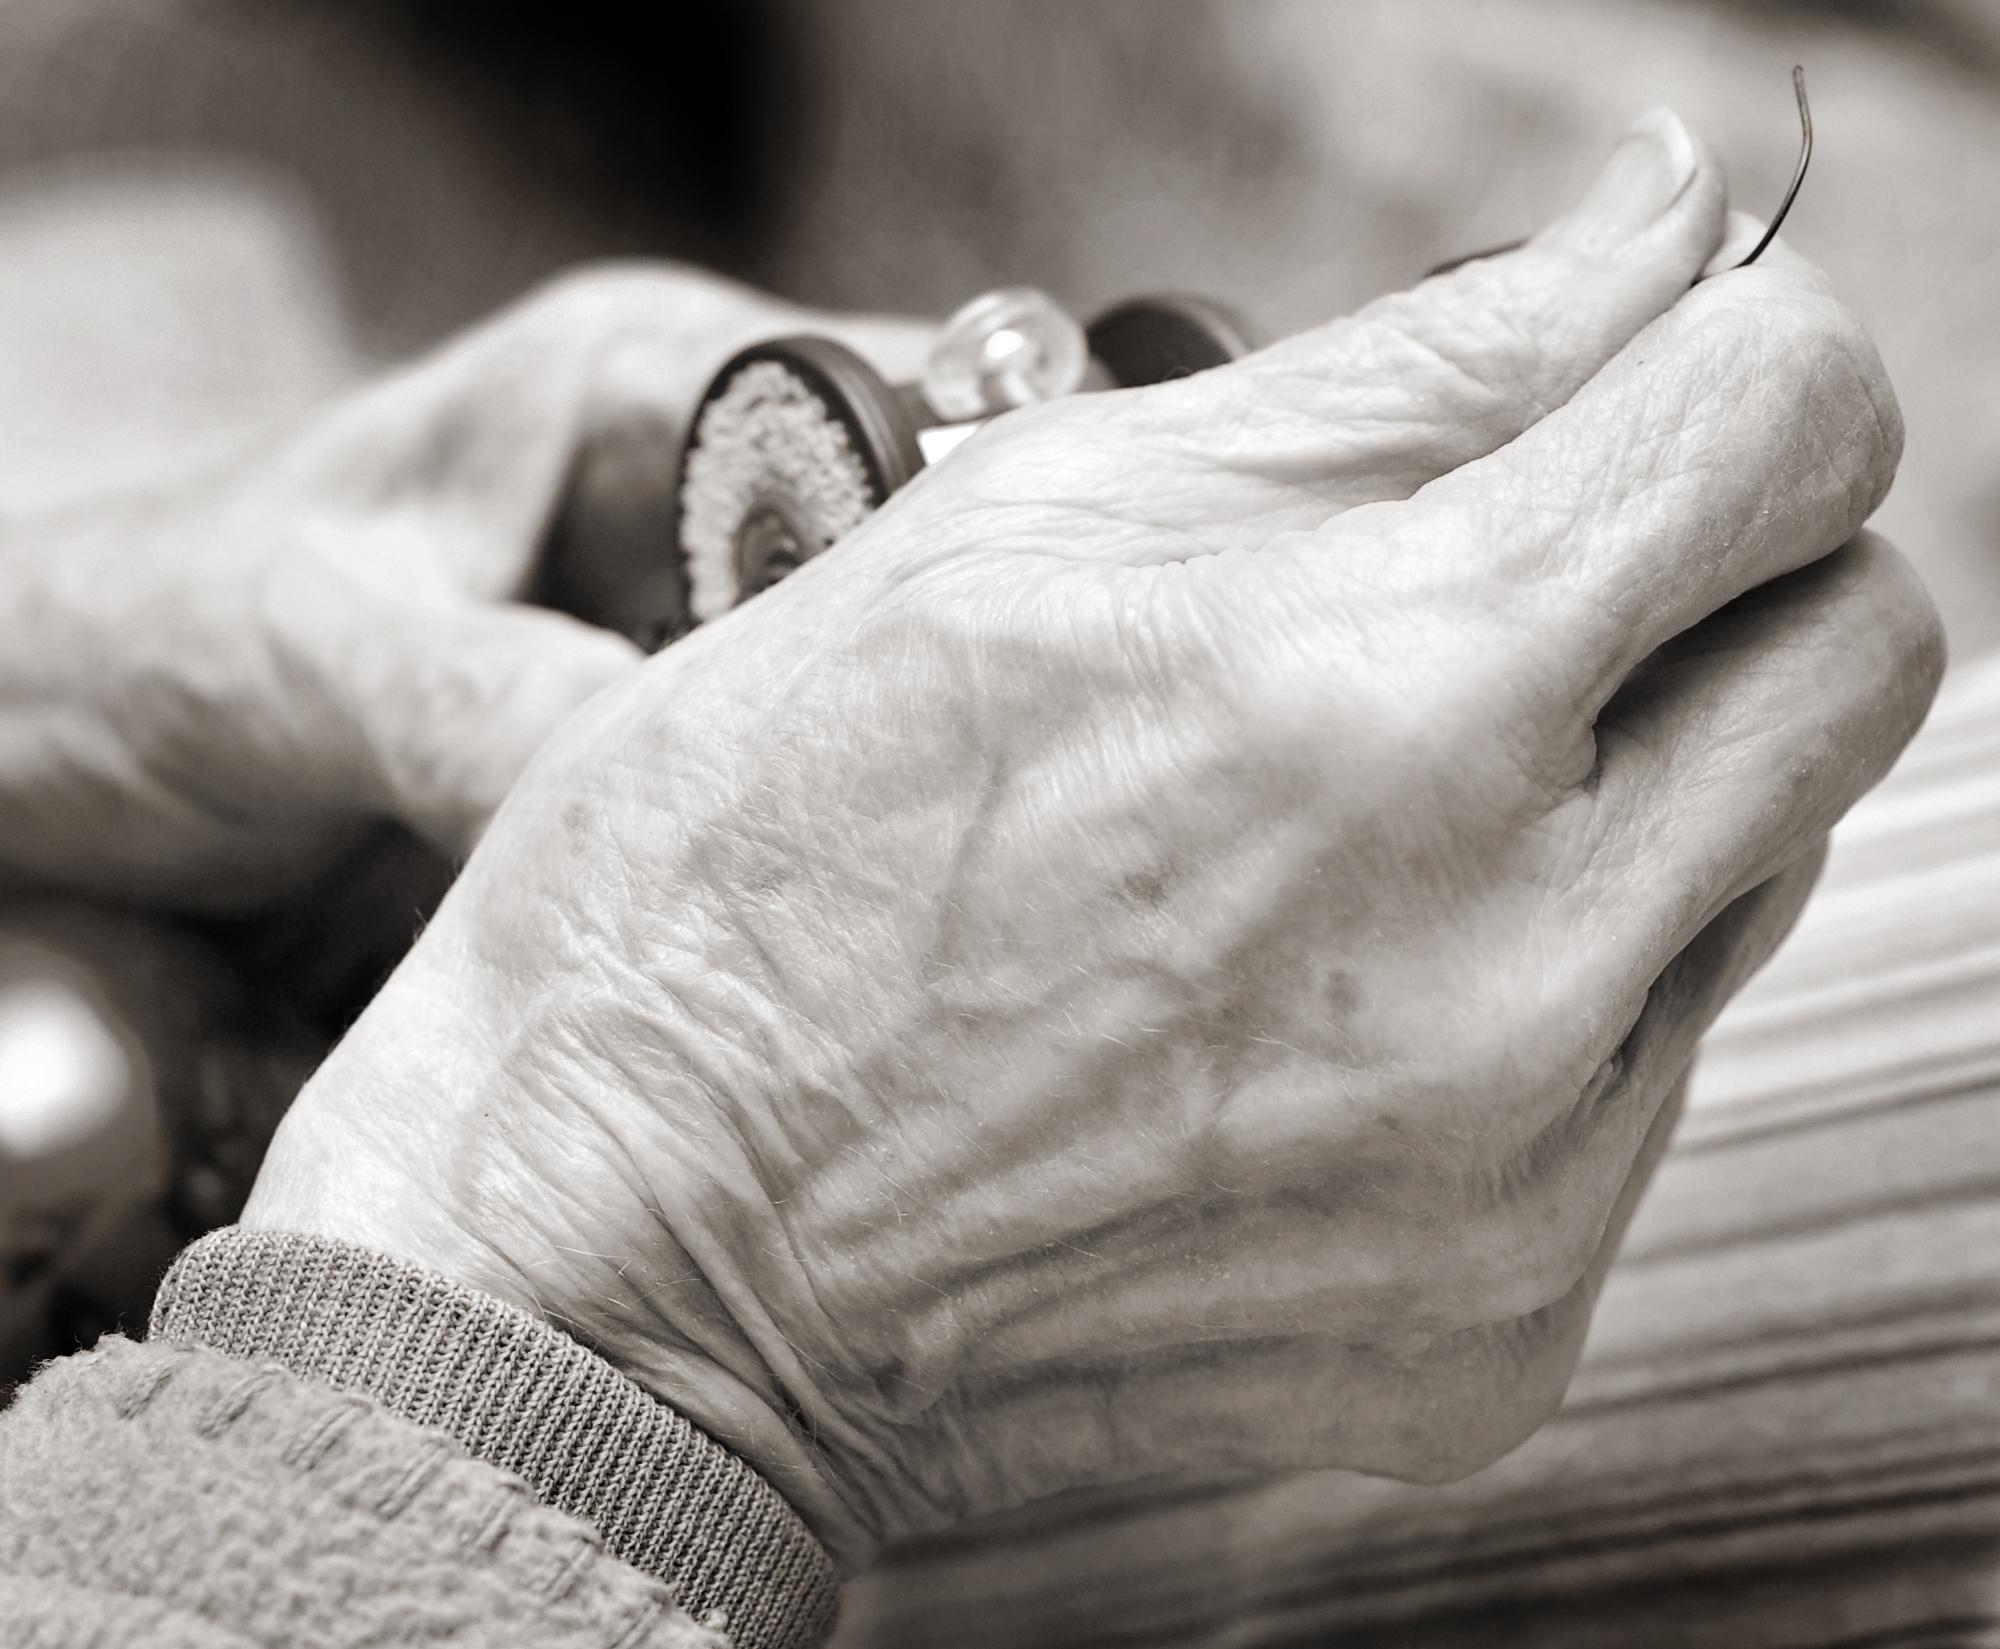 Gran's Hands